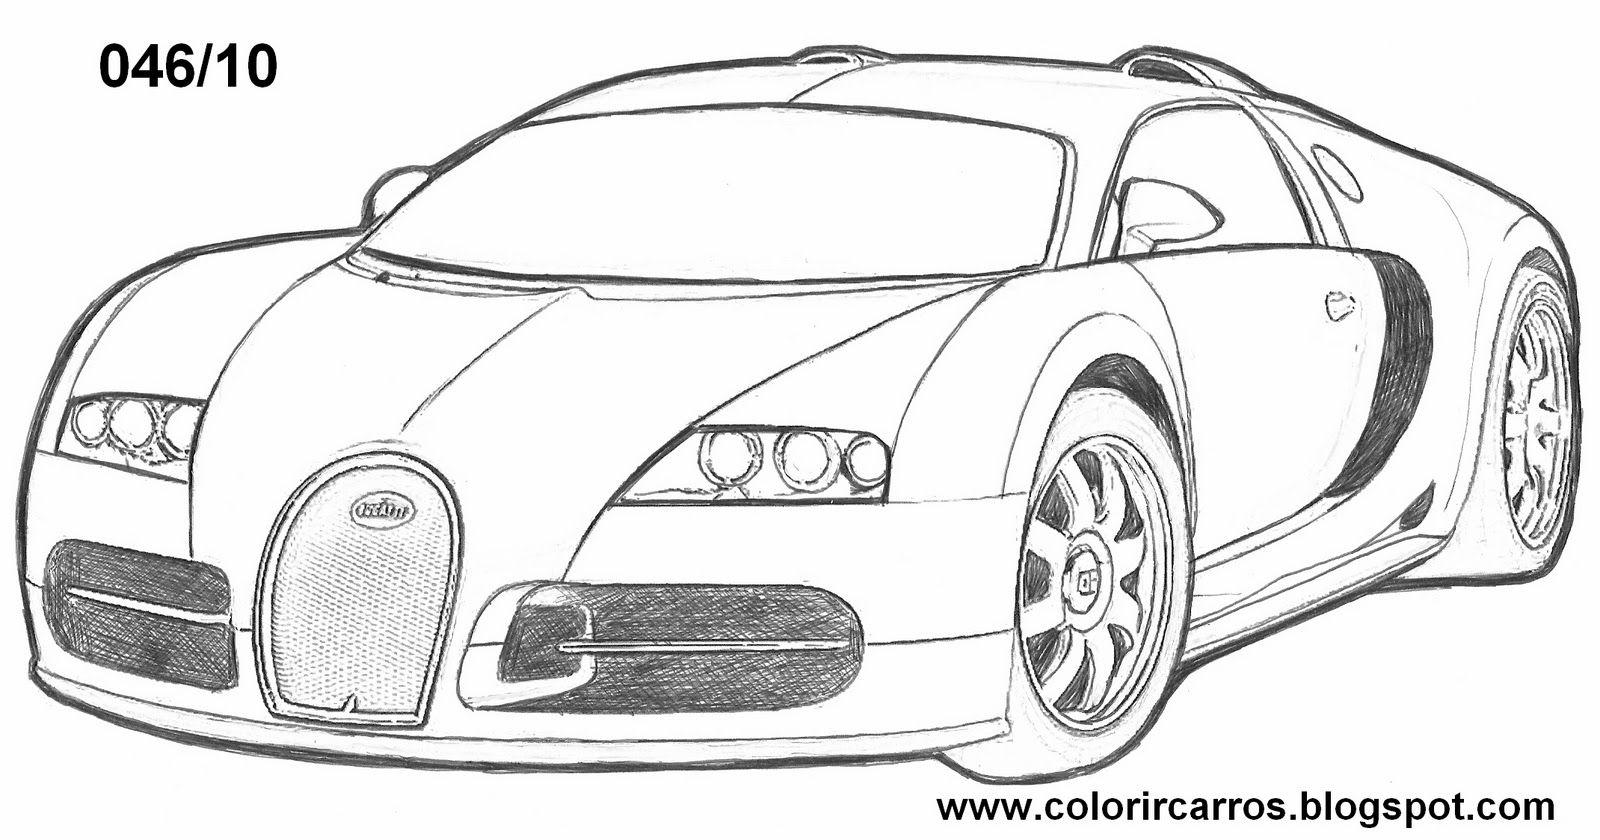 Resultado De Imagen Para Imagenes De Carros Para Colorear Deportivos Dibujos De Autos Carreras De Autos Imagenes De Carros Ferrari